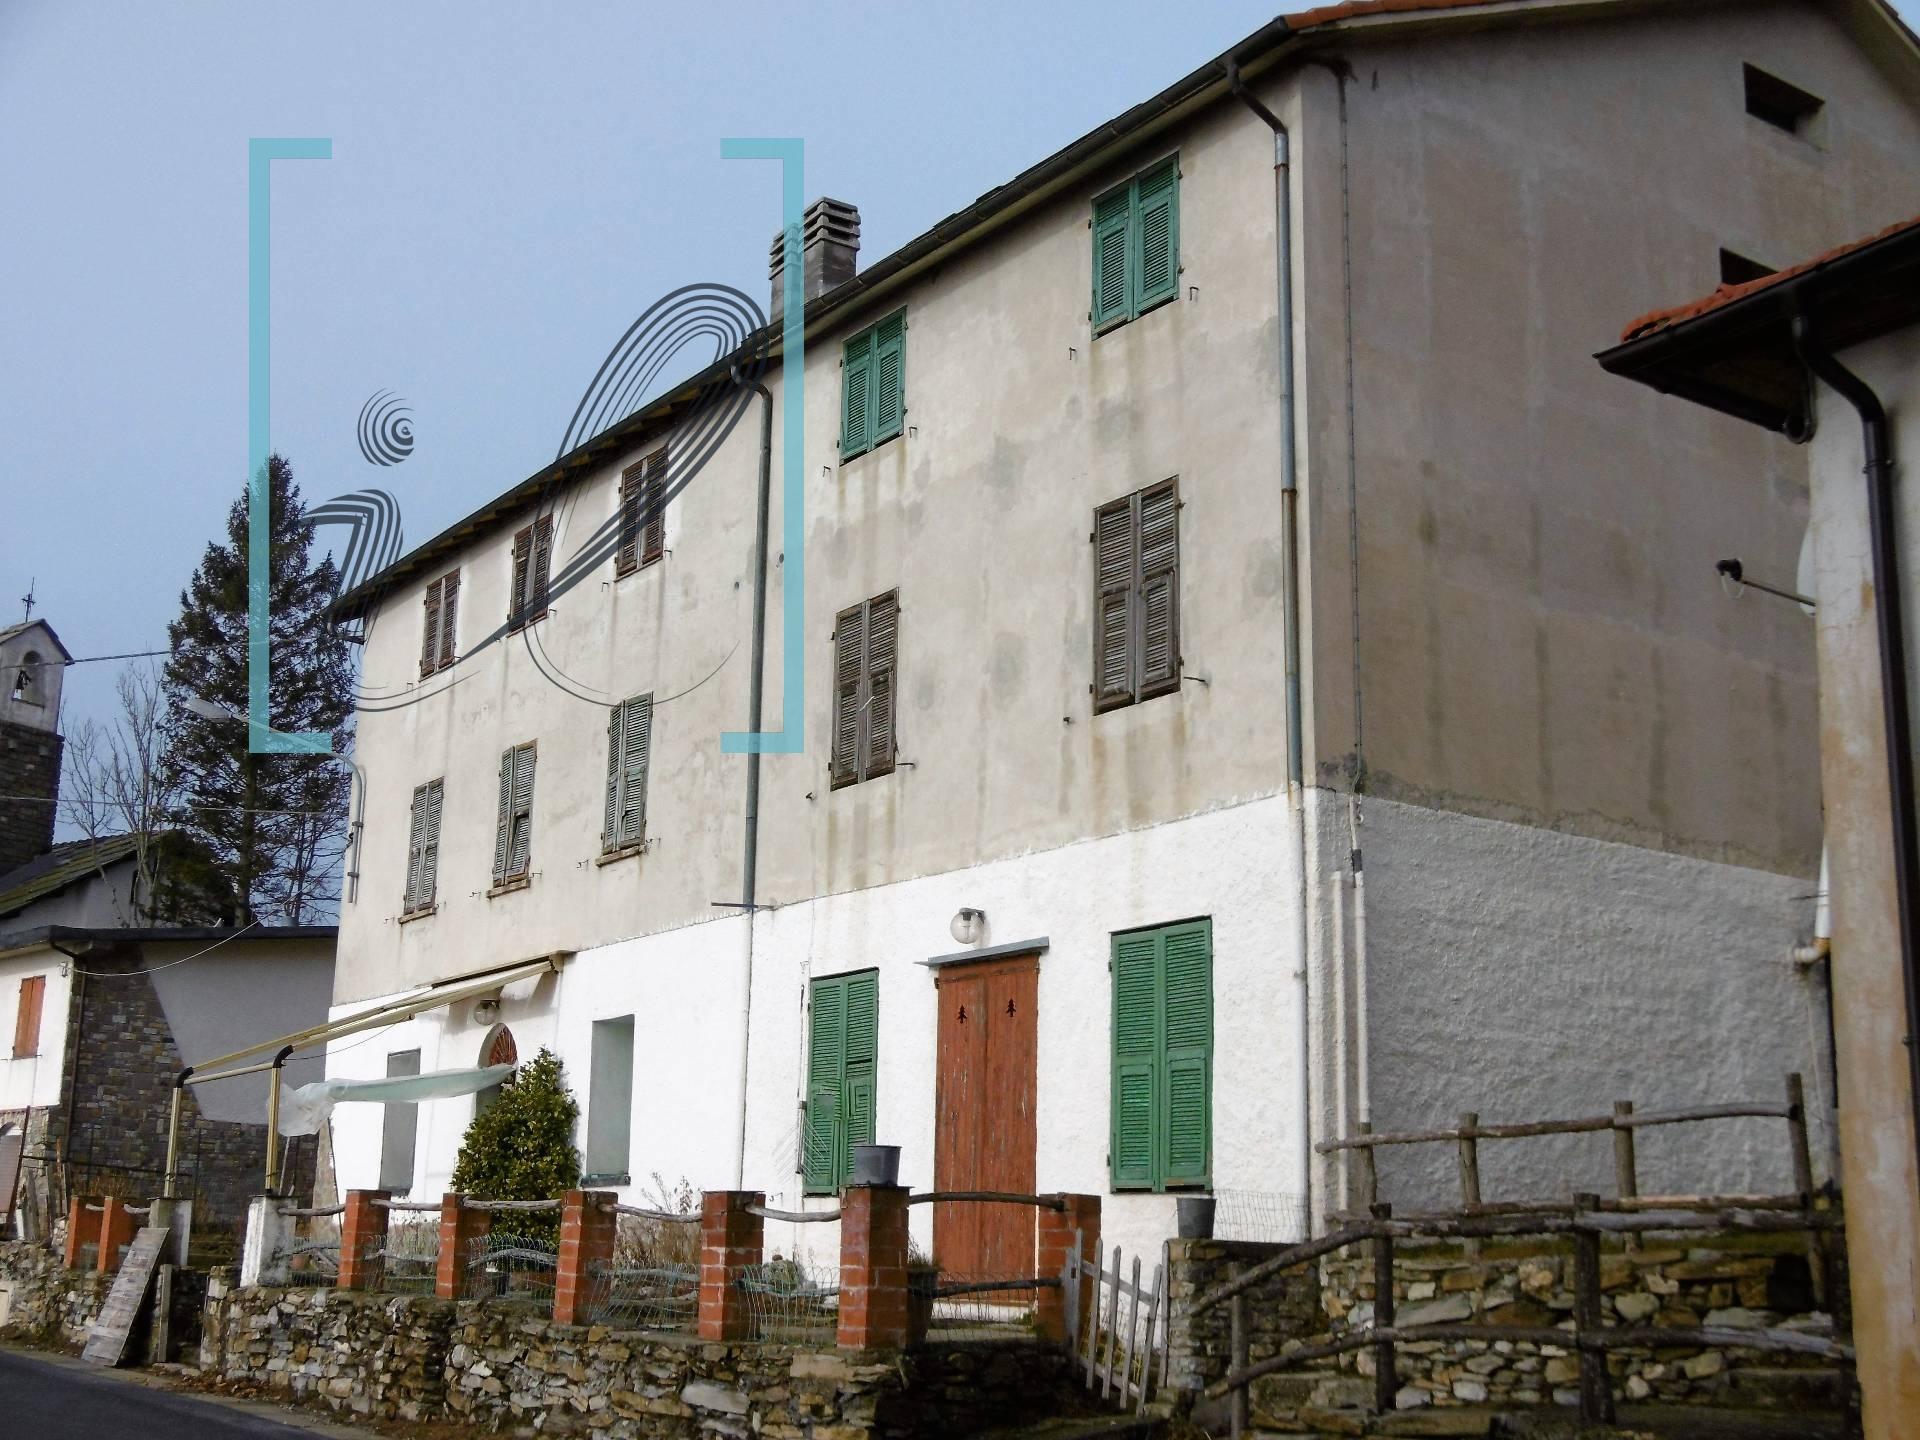 Appartamento in vendita a Borgomaro, 4 locali, zona Località: SanBernardodiConio, prezzo € 45.000 | CambioCasa.it